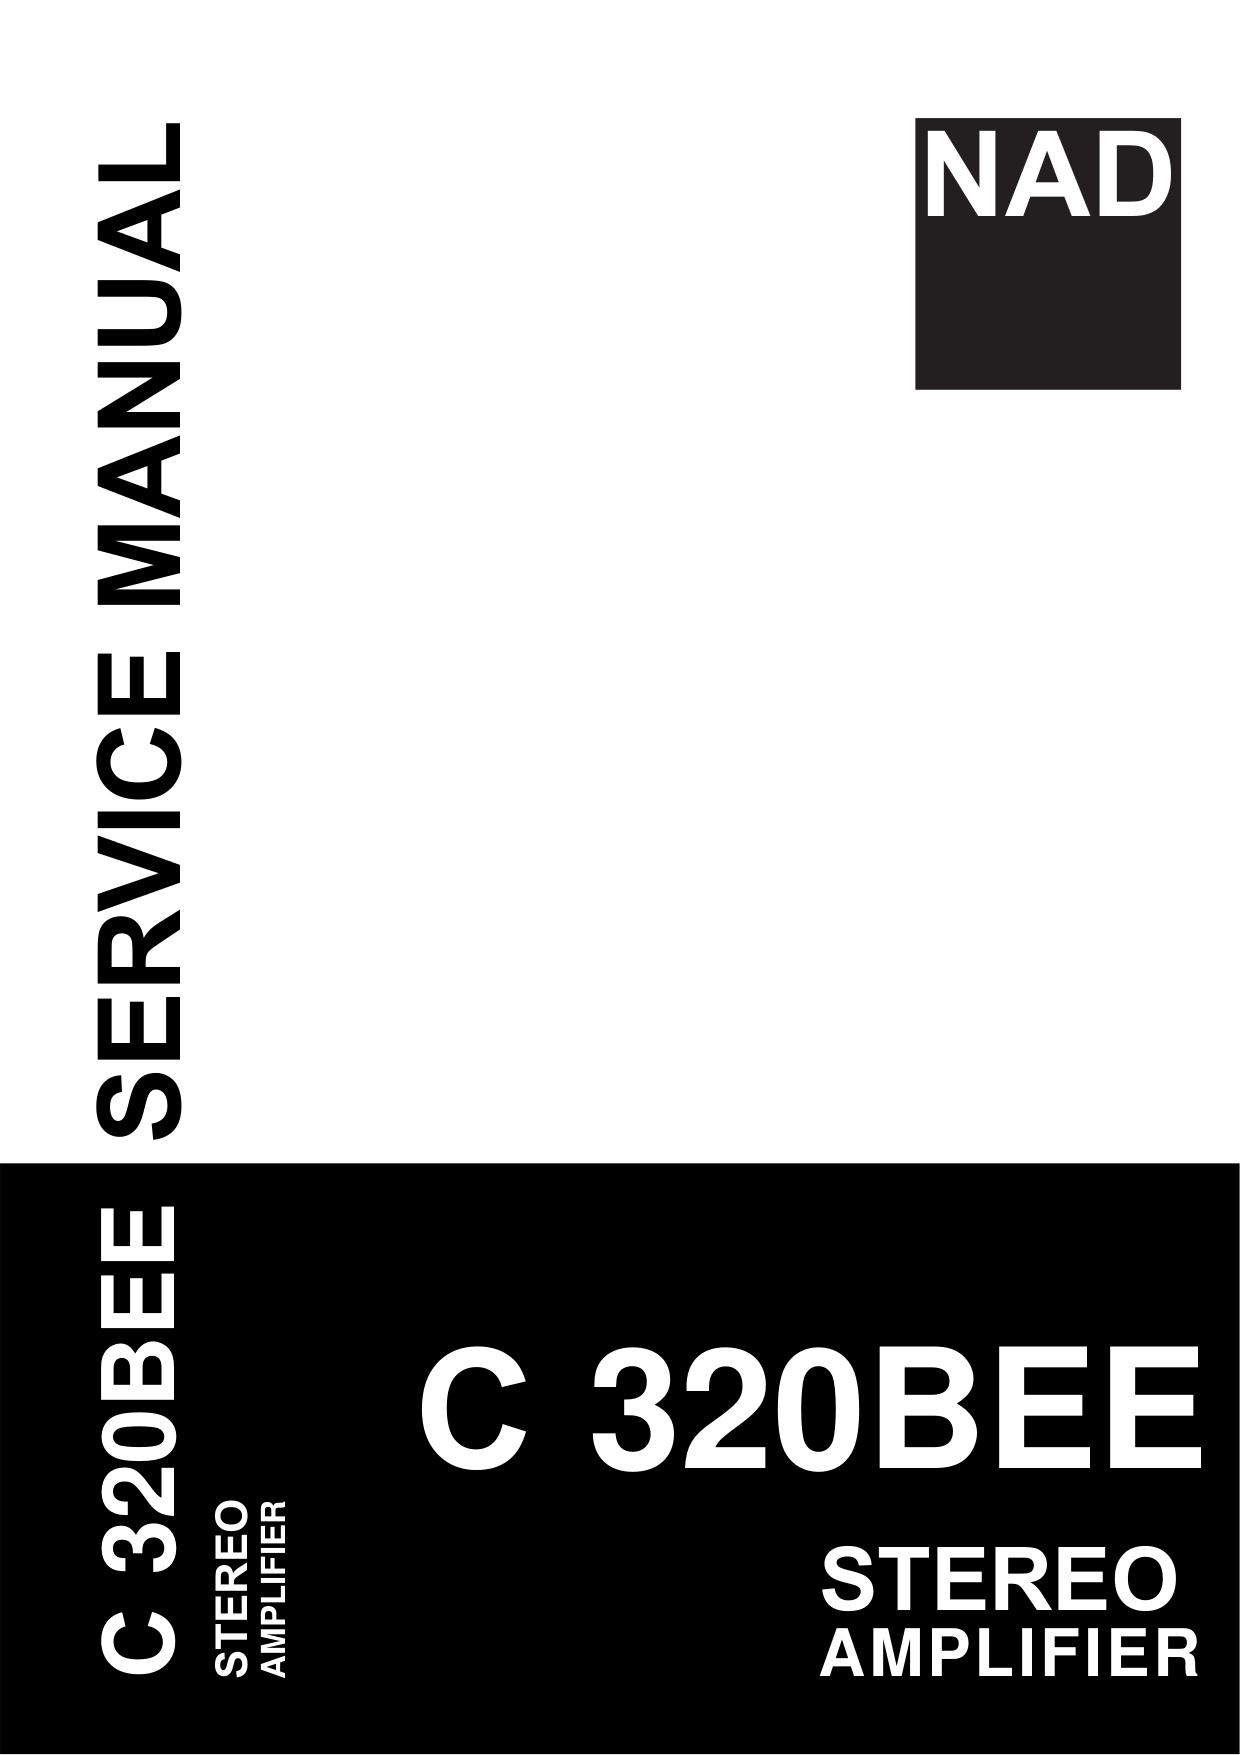 download free pdf for nad c320bee amp manual rh umlib com Repair Manuals nad c320bee user manual